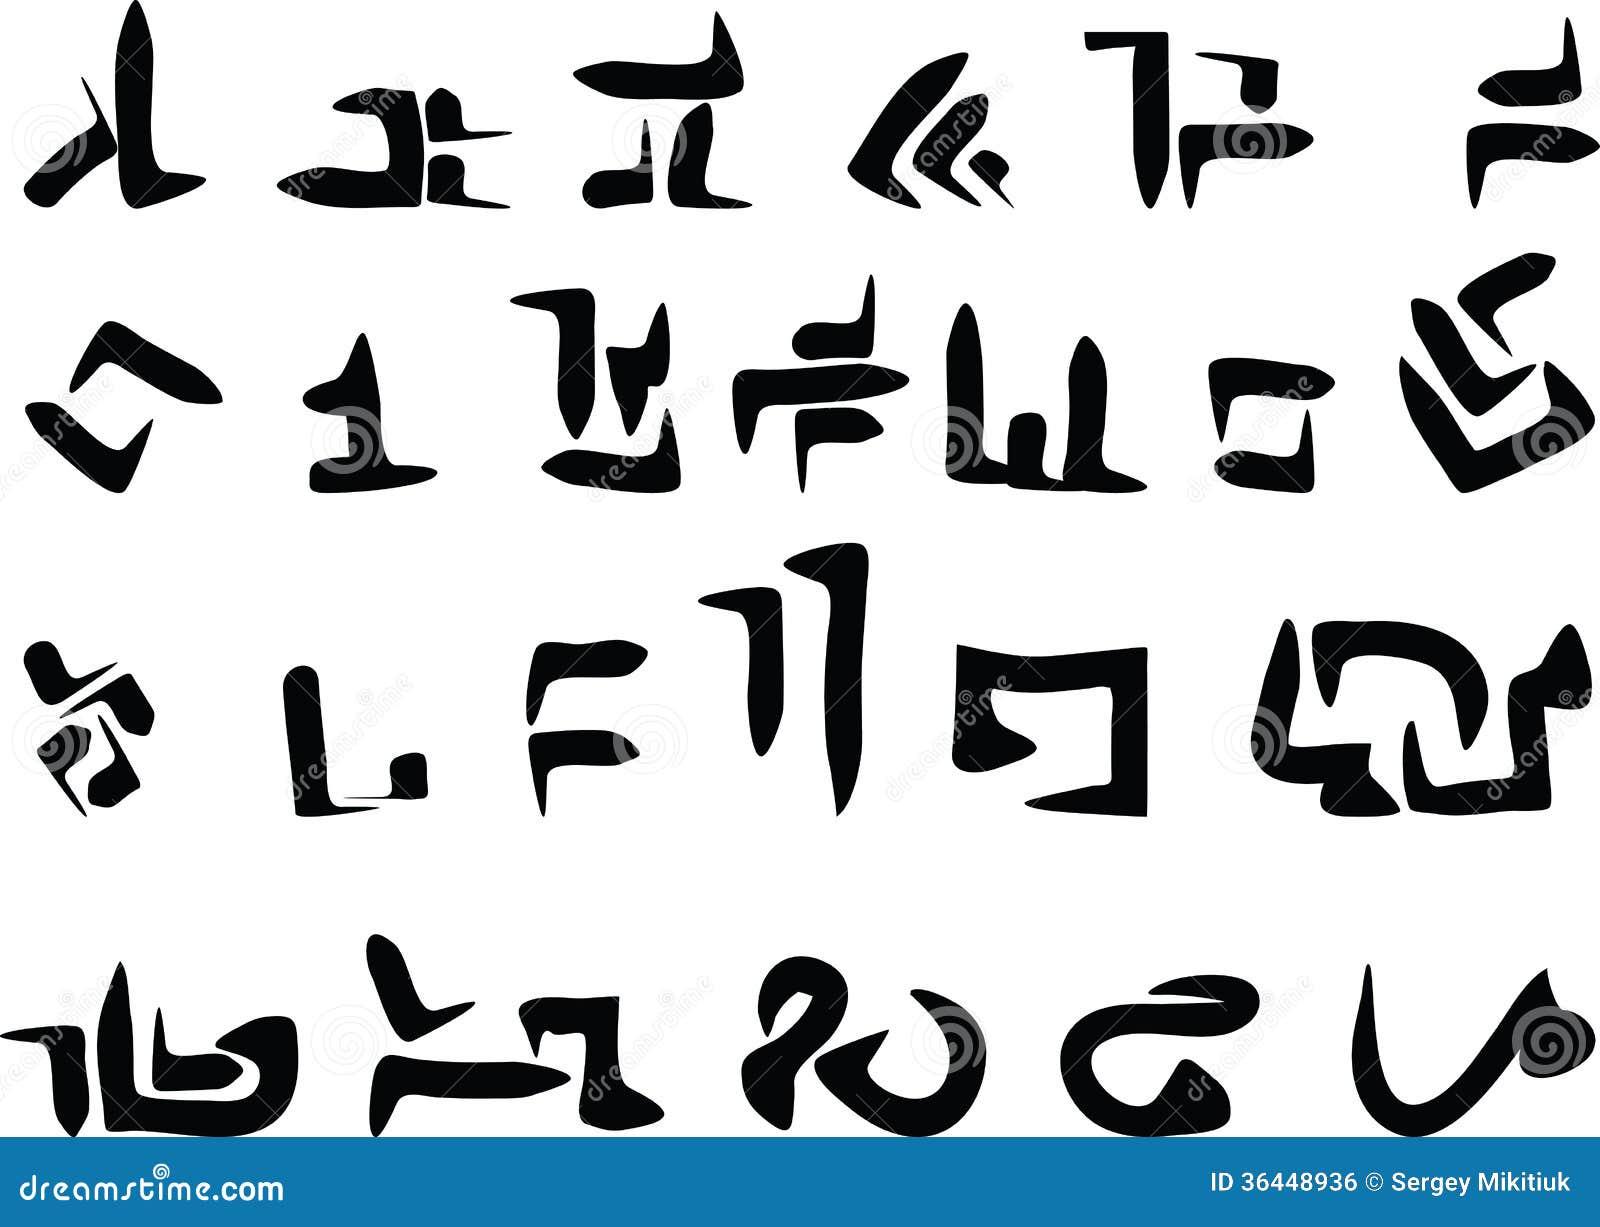 Alien languages